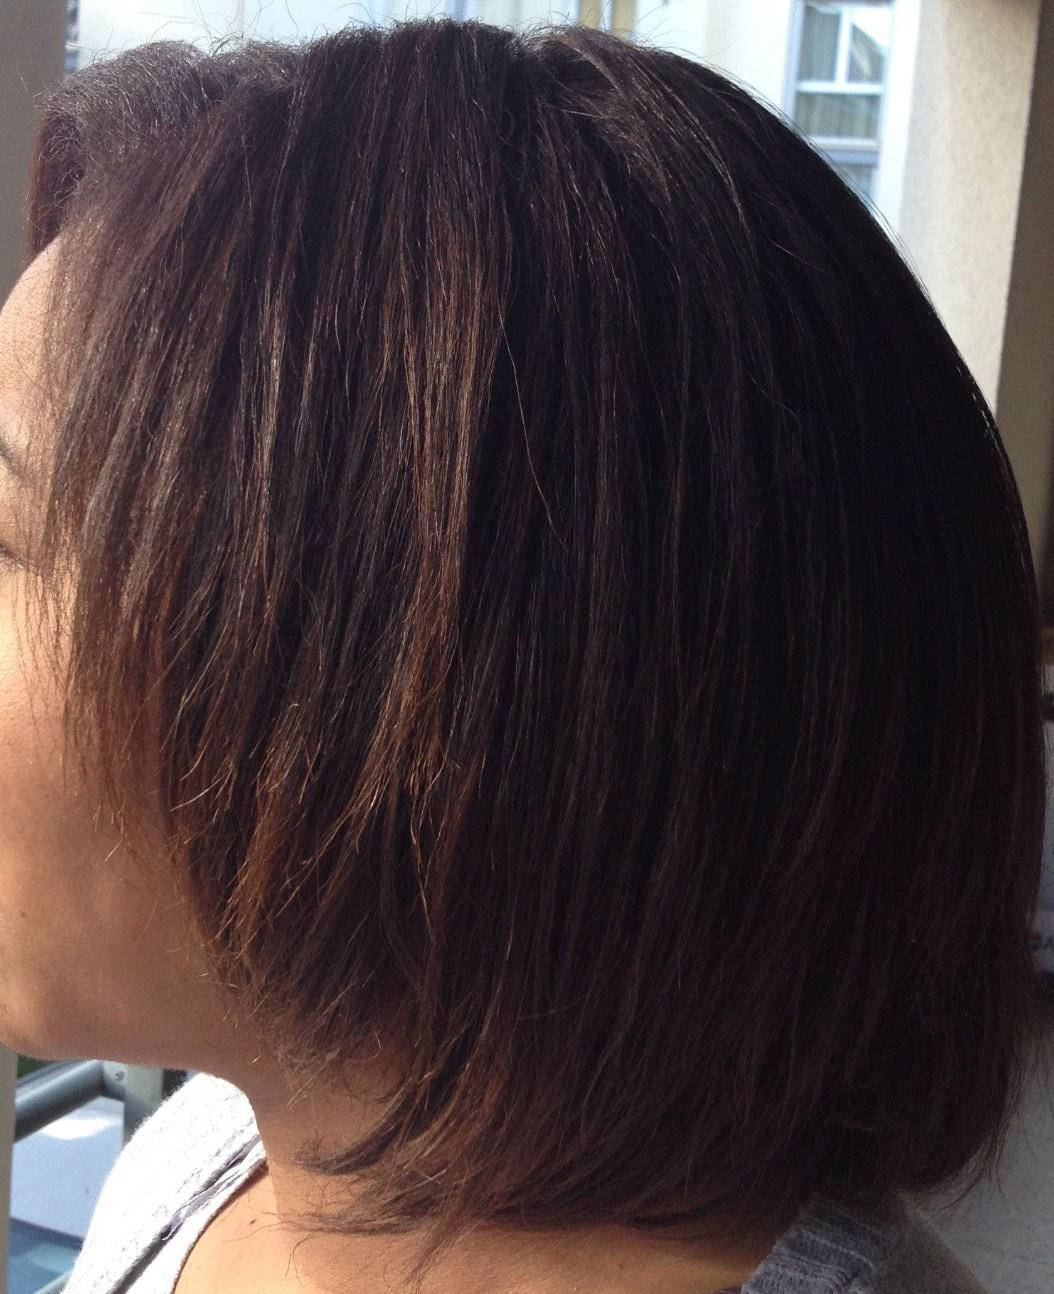 Couleur sur cheveux defrises